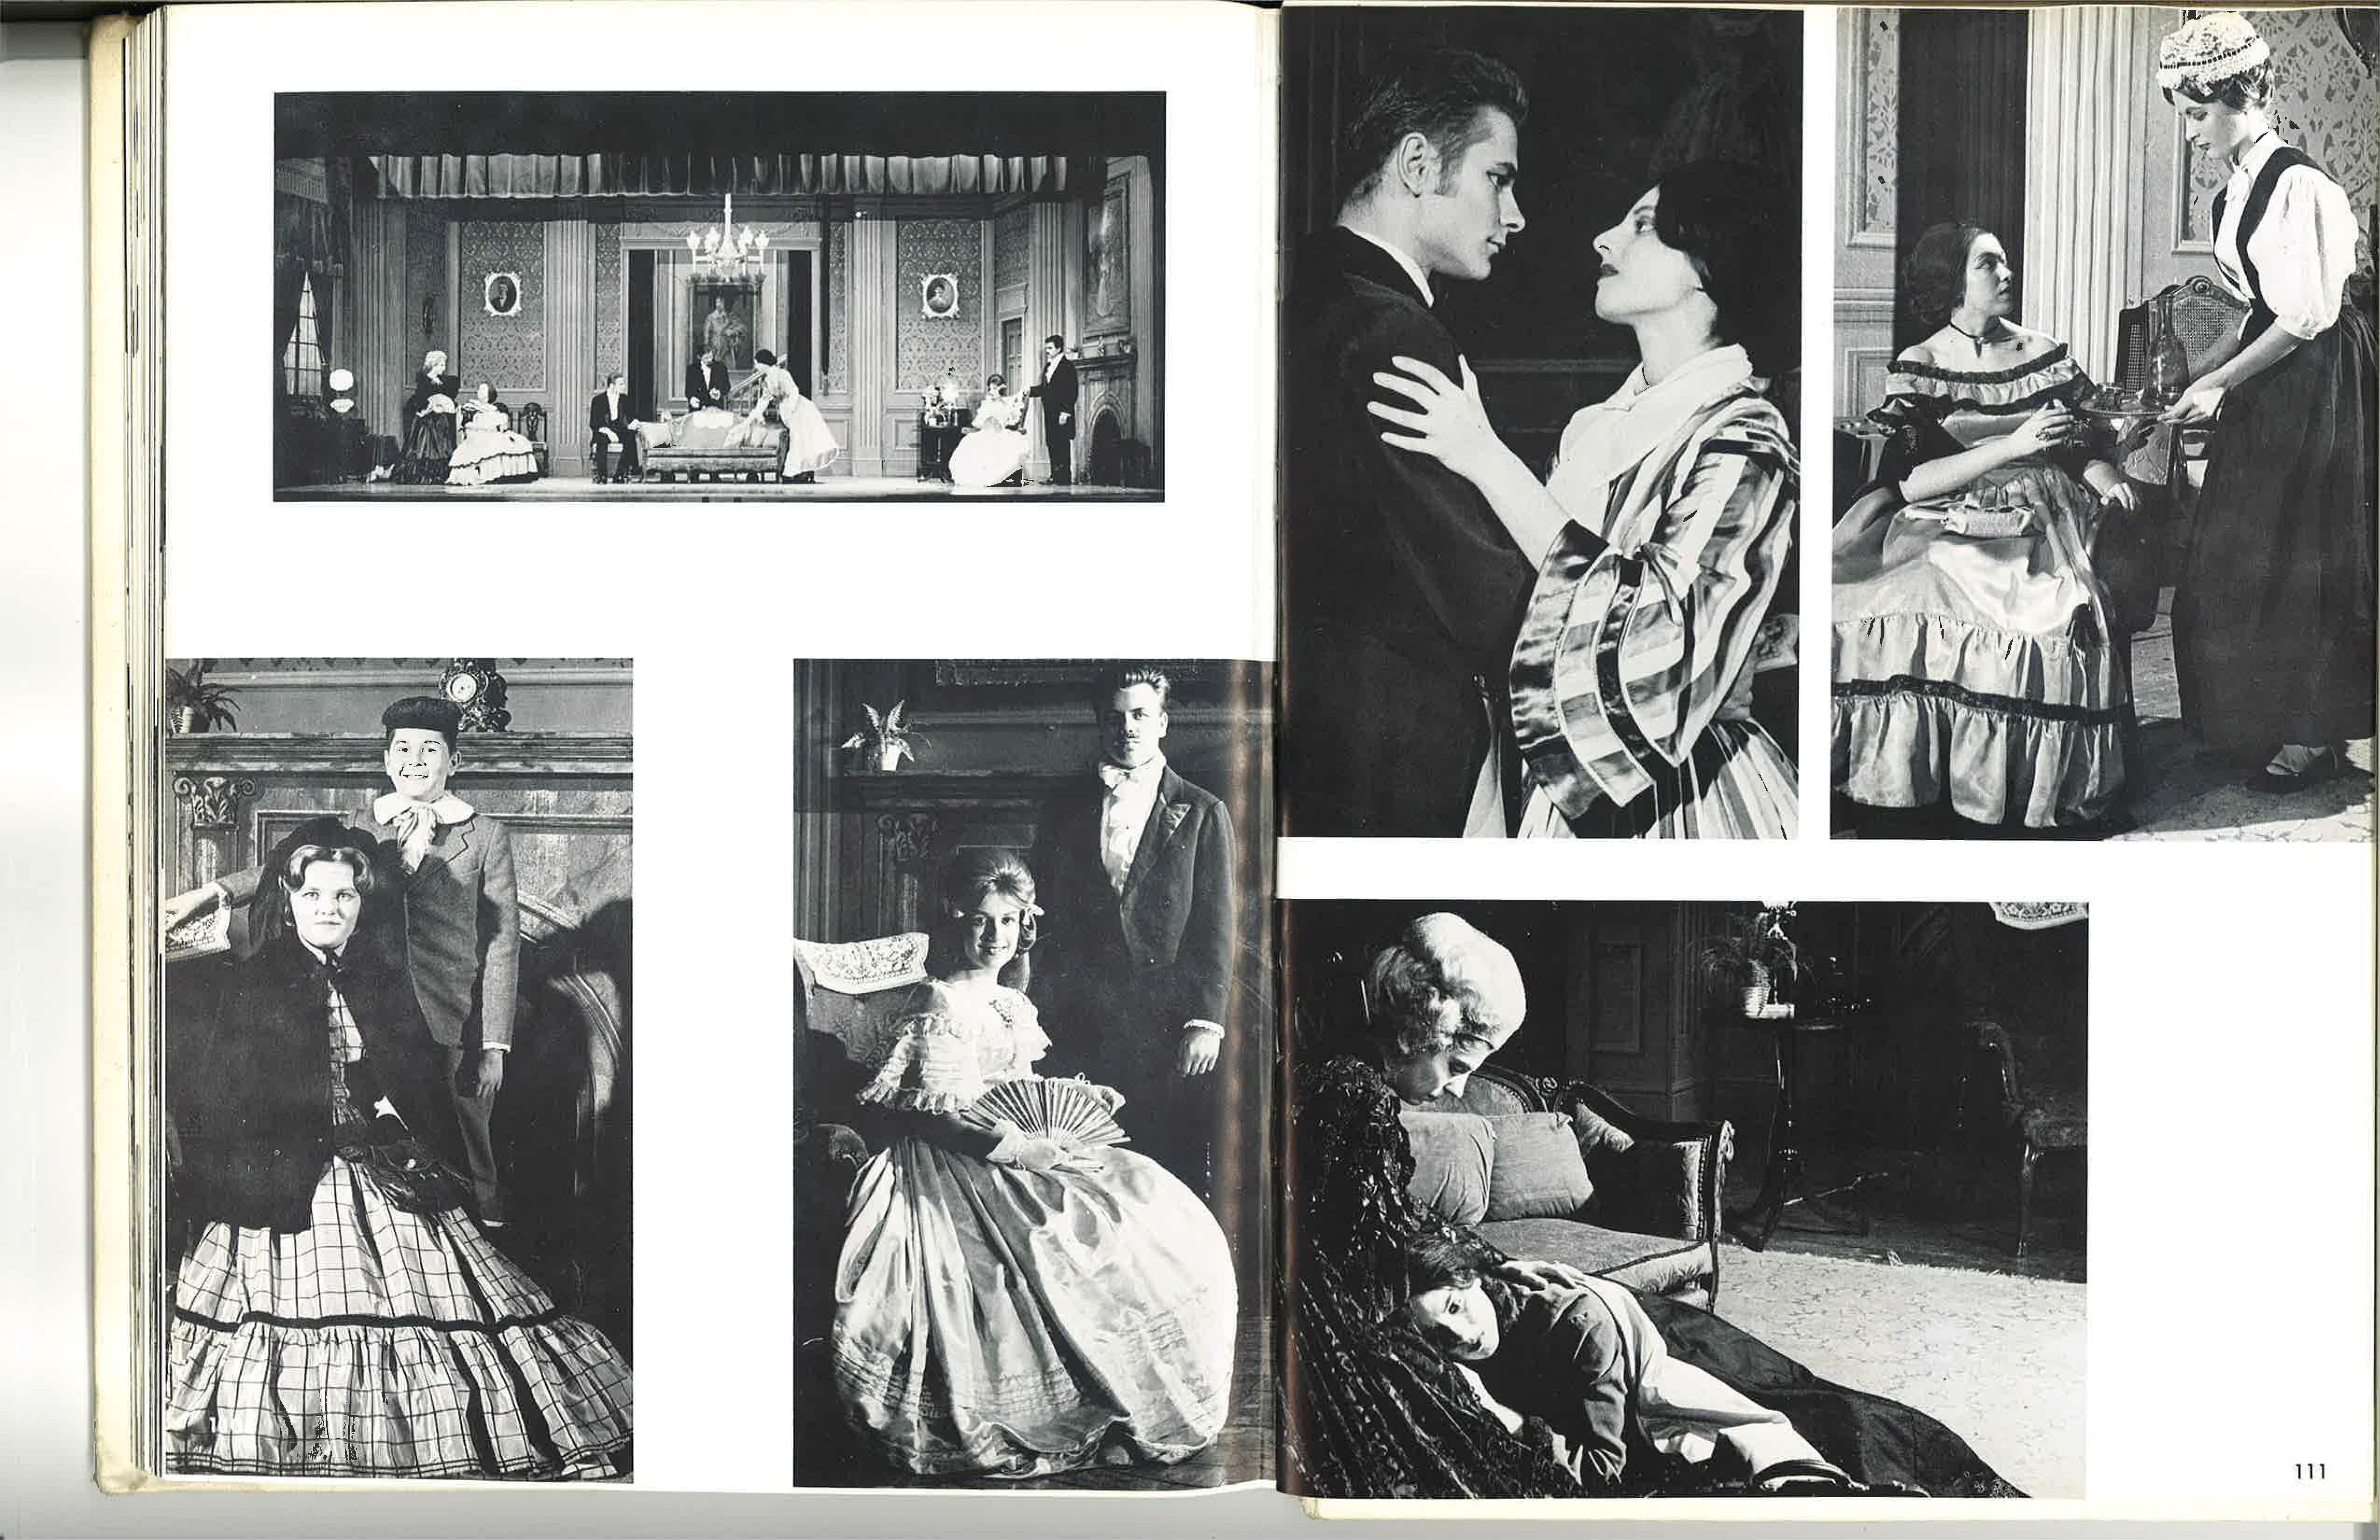 1964_Yearbook_Activities_110-111.jpg